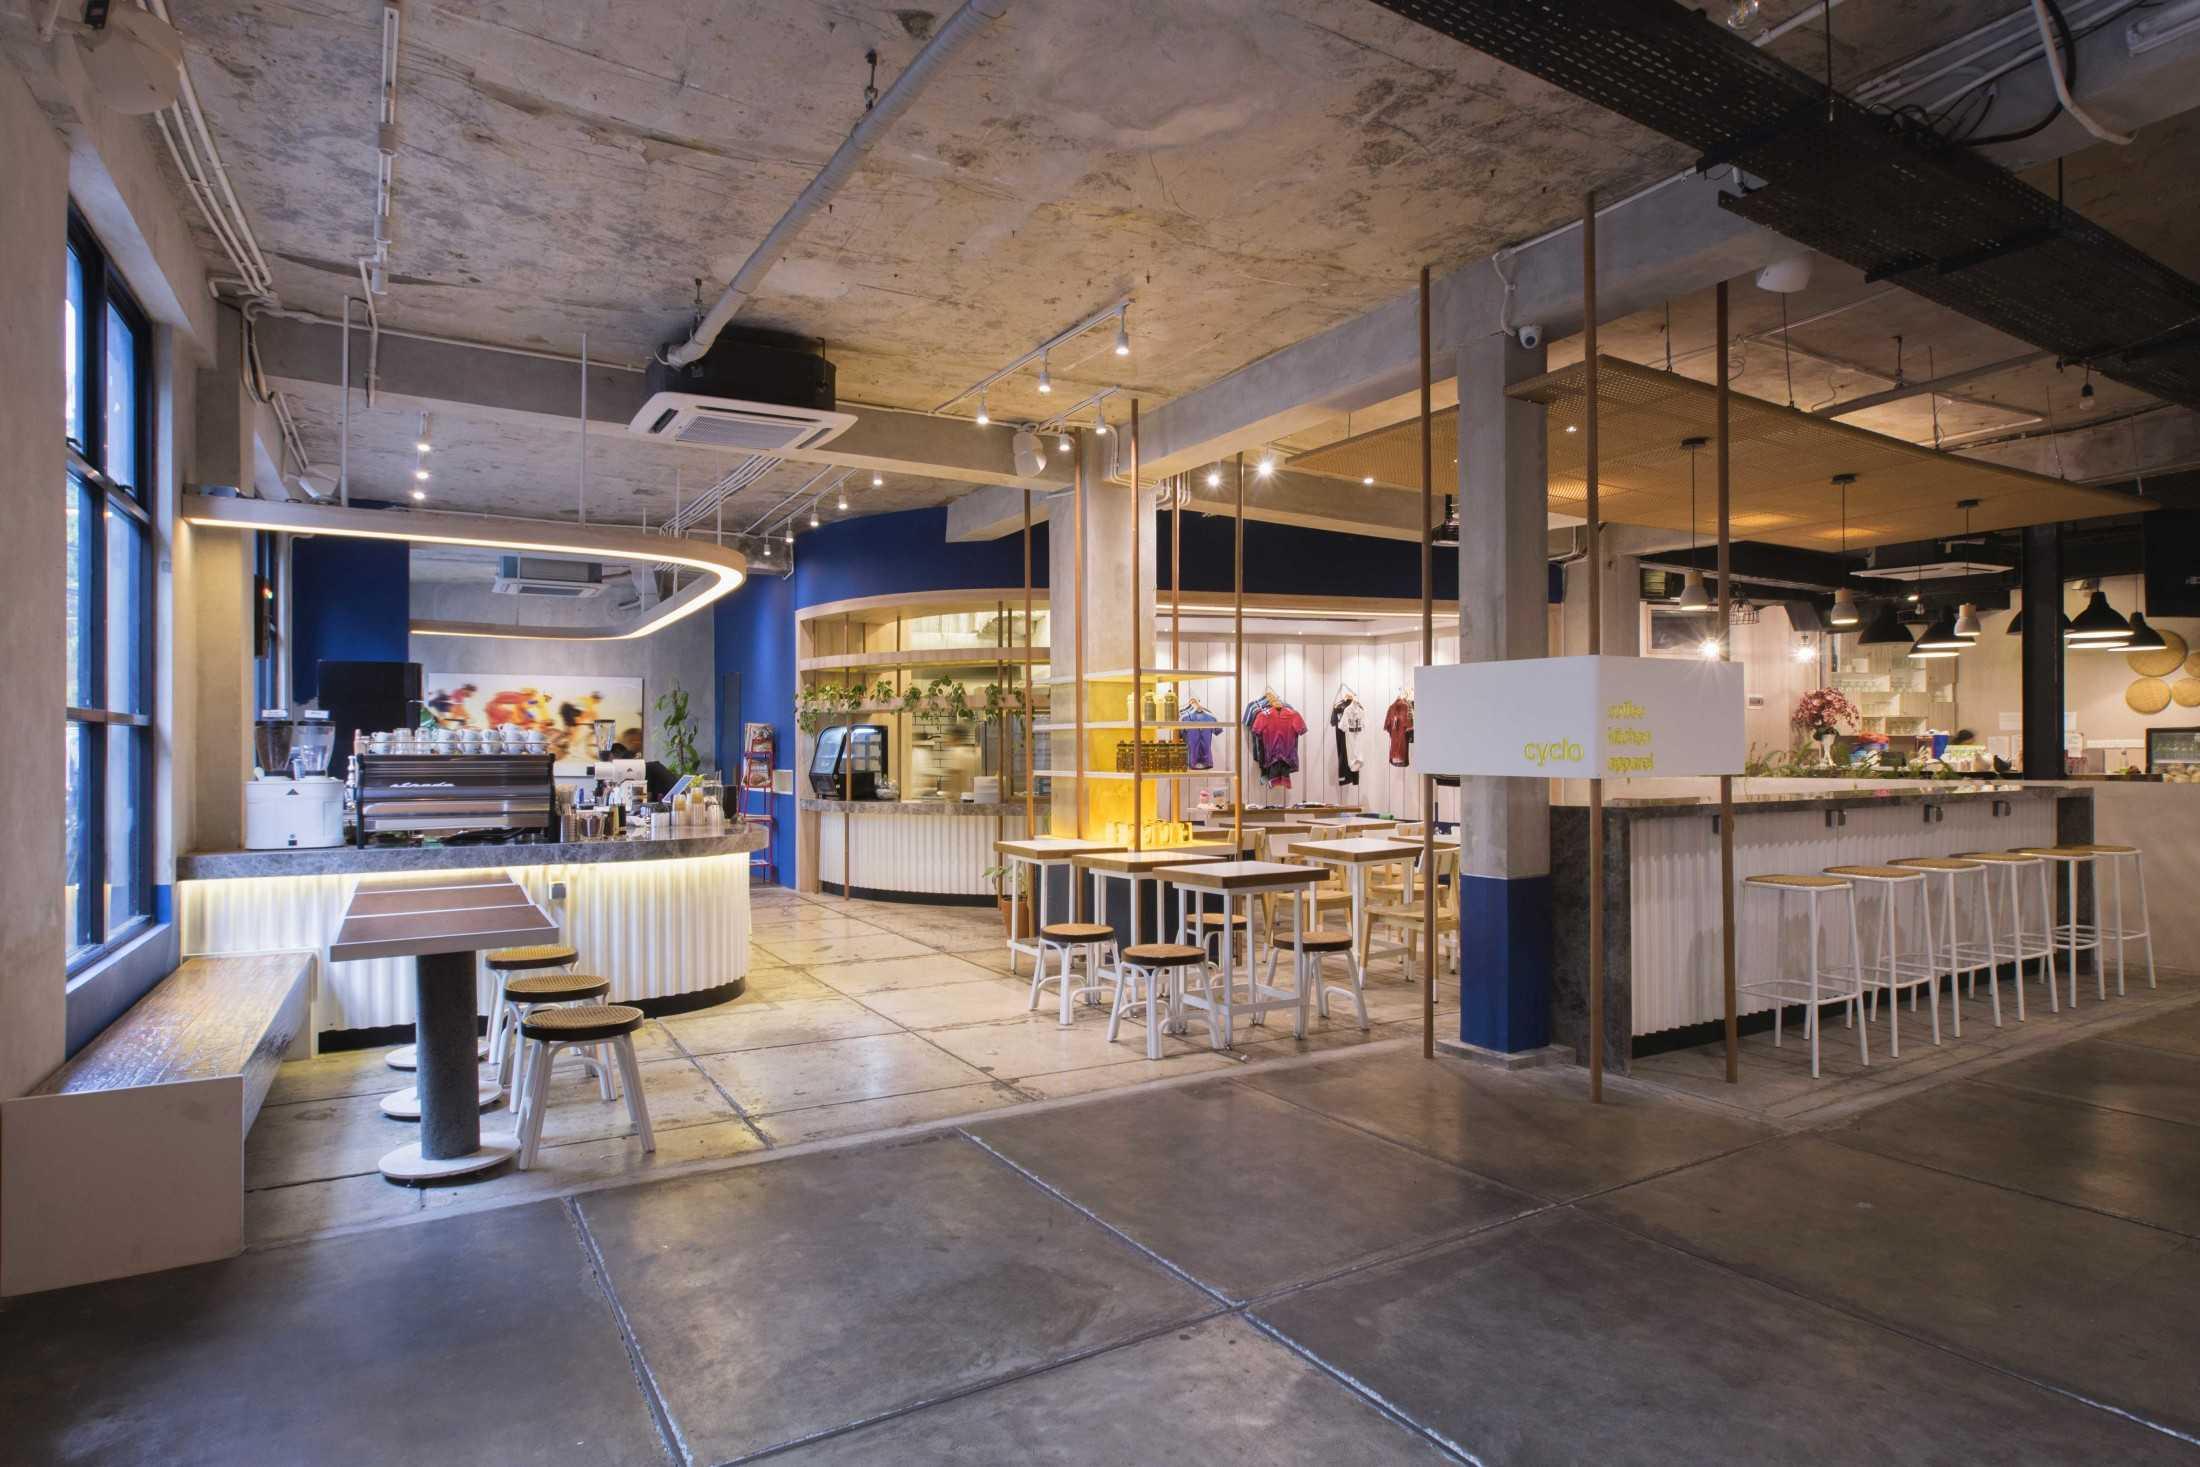 Kafe Sekaligus Toko Baju, Kombinasi Unik yang Tampil Kece! | Foto artikel Arsitag